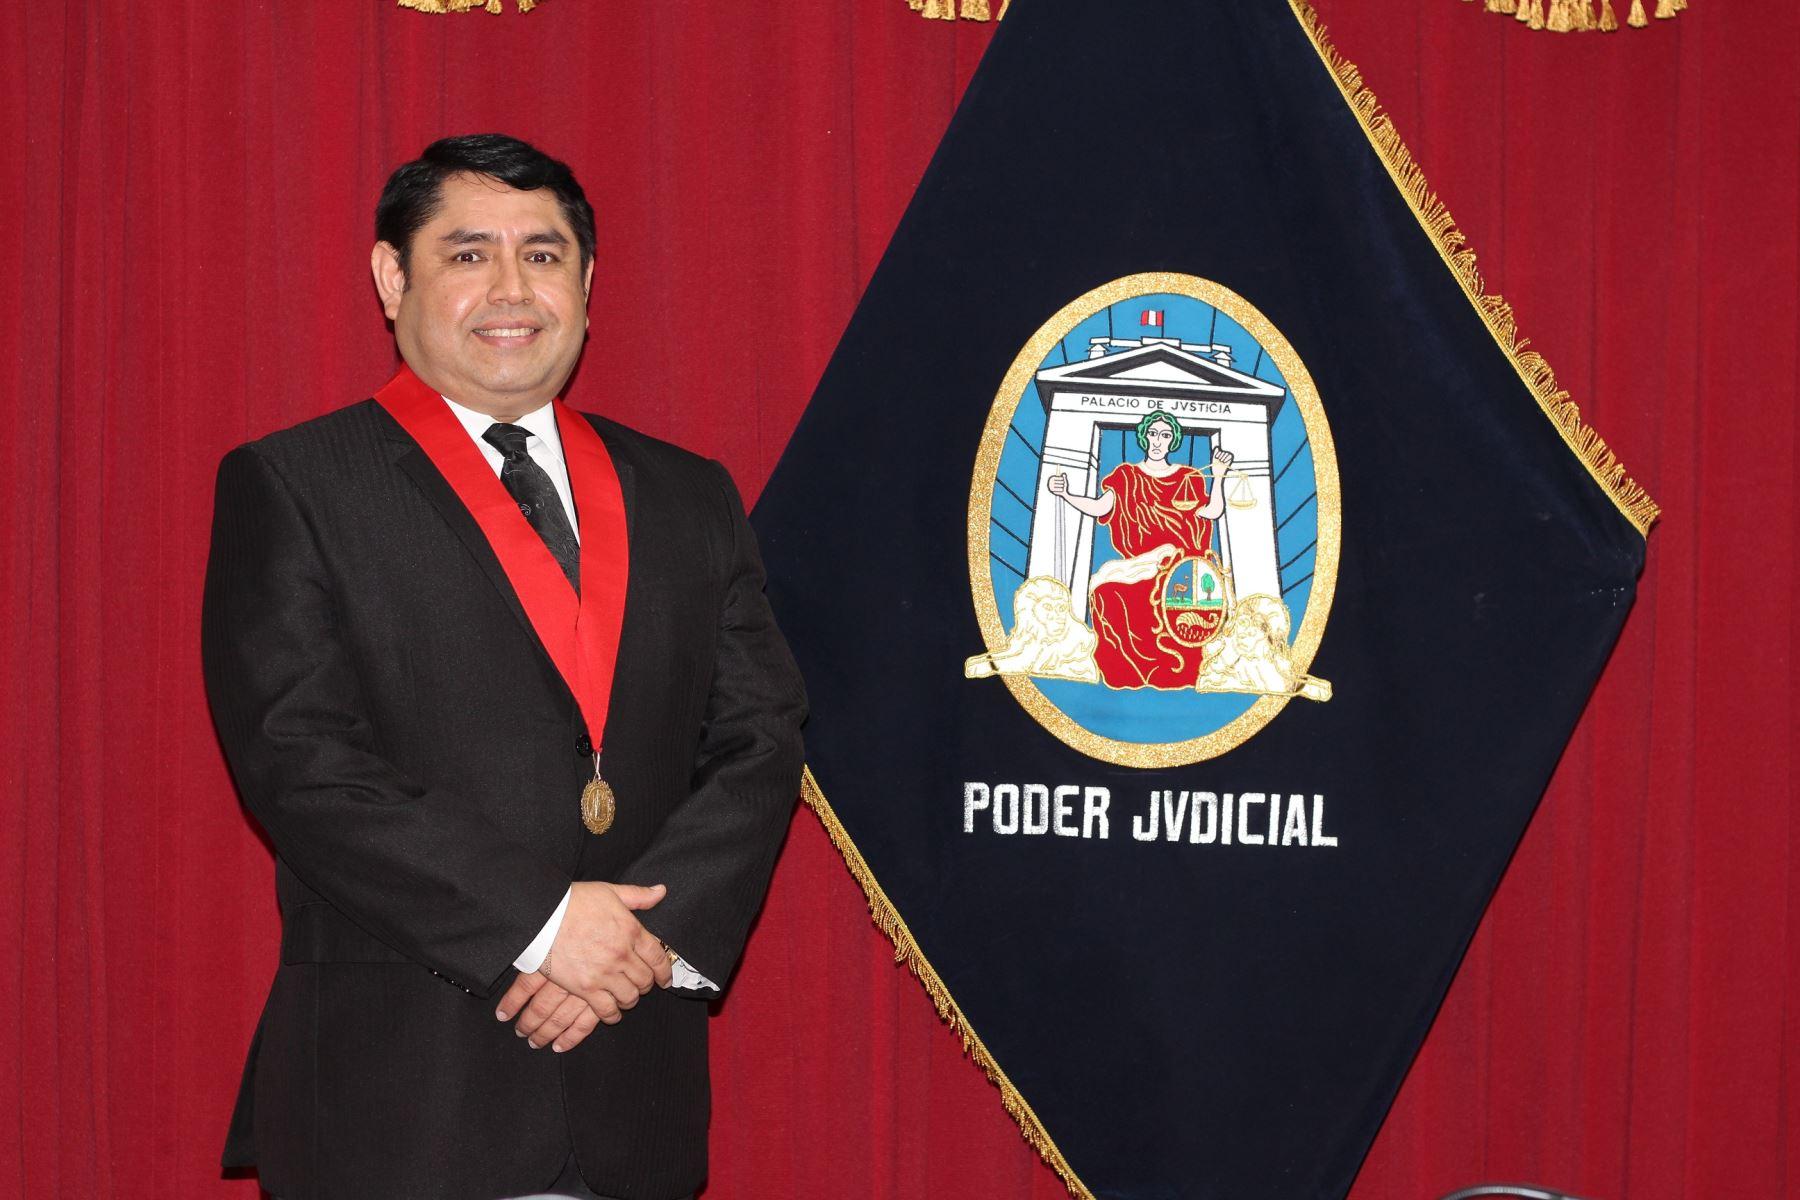 Juez Walter Sánchez es el nuevo presidente del JEE del Santa para elecciones municipales y regionales. ANDINA